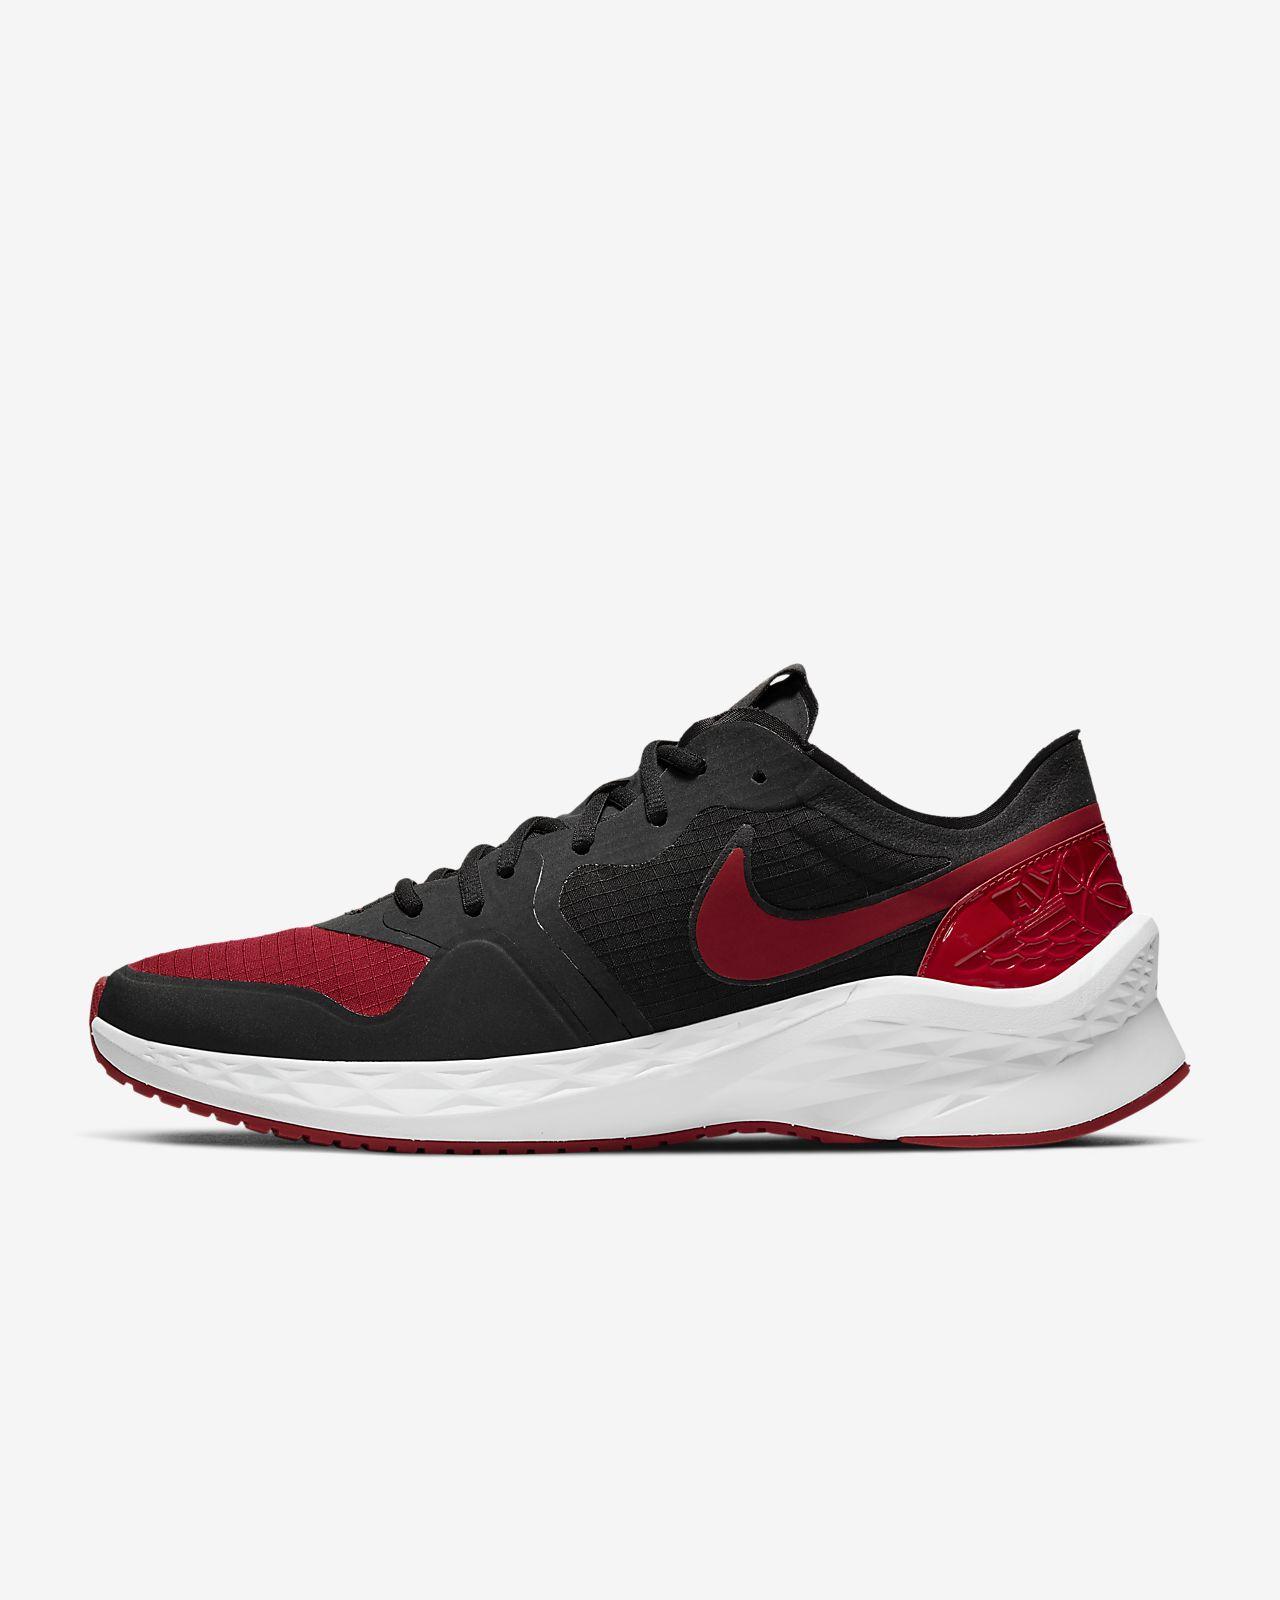 Jordan Air Zoom 85 Runner 男子跑步鞋